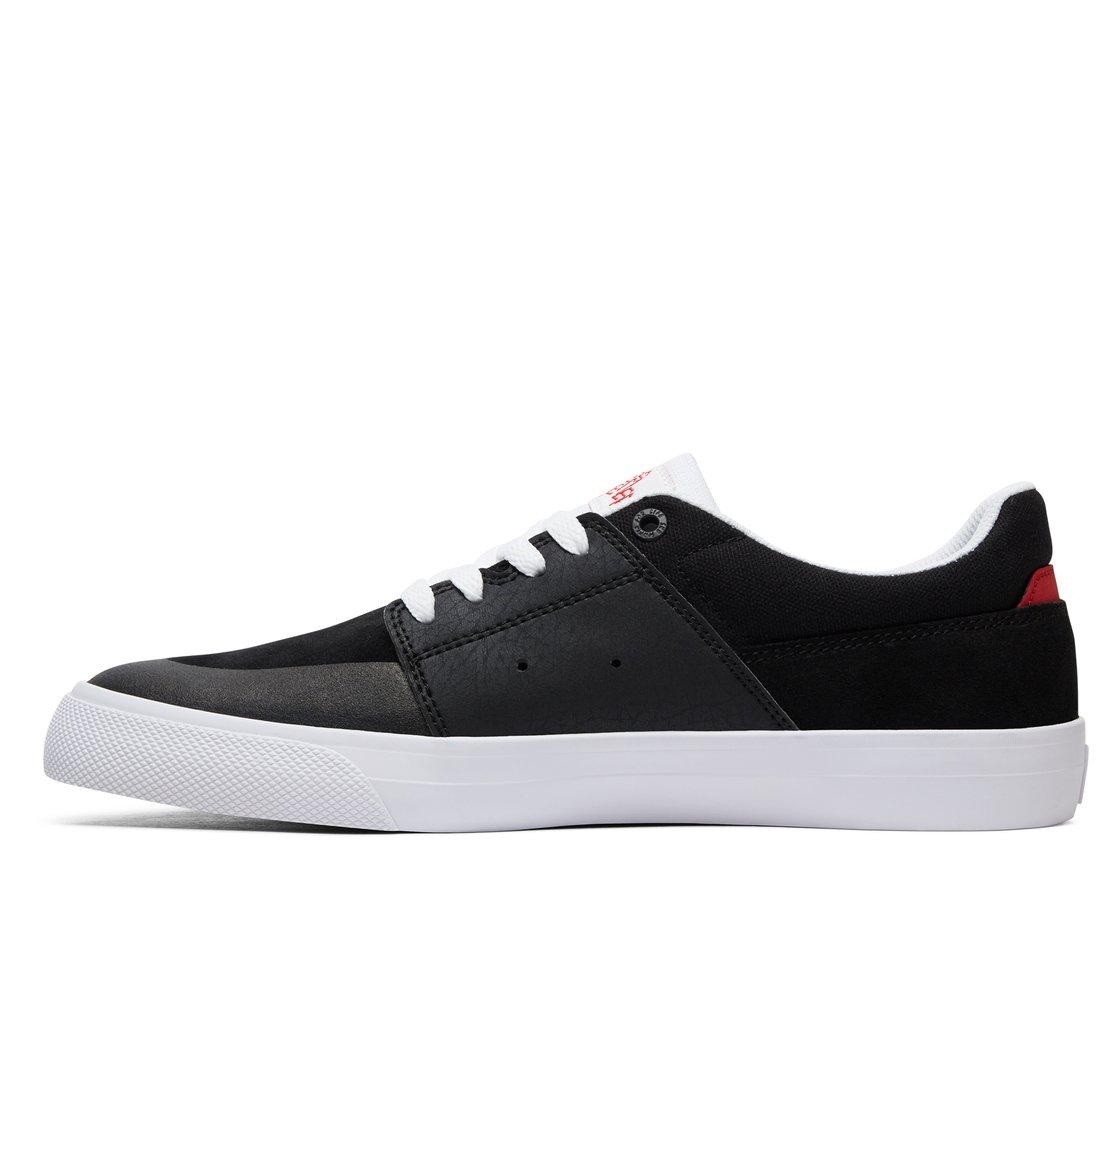 DC-Shoes-Wes-Kremer-Baskets-pour-Homme-ADYS300315 miniature 8